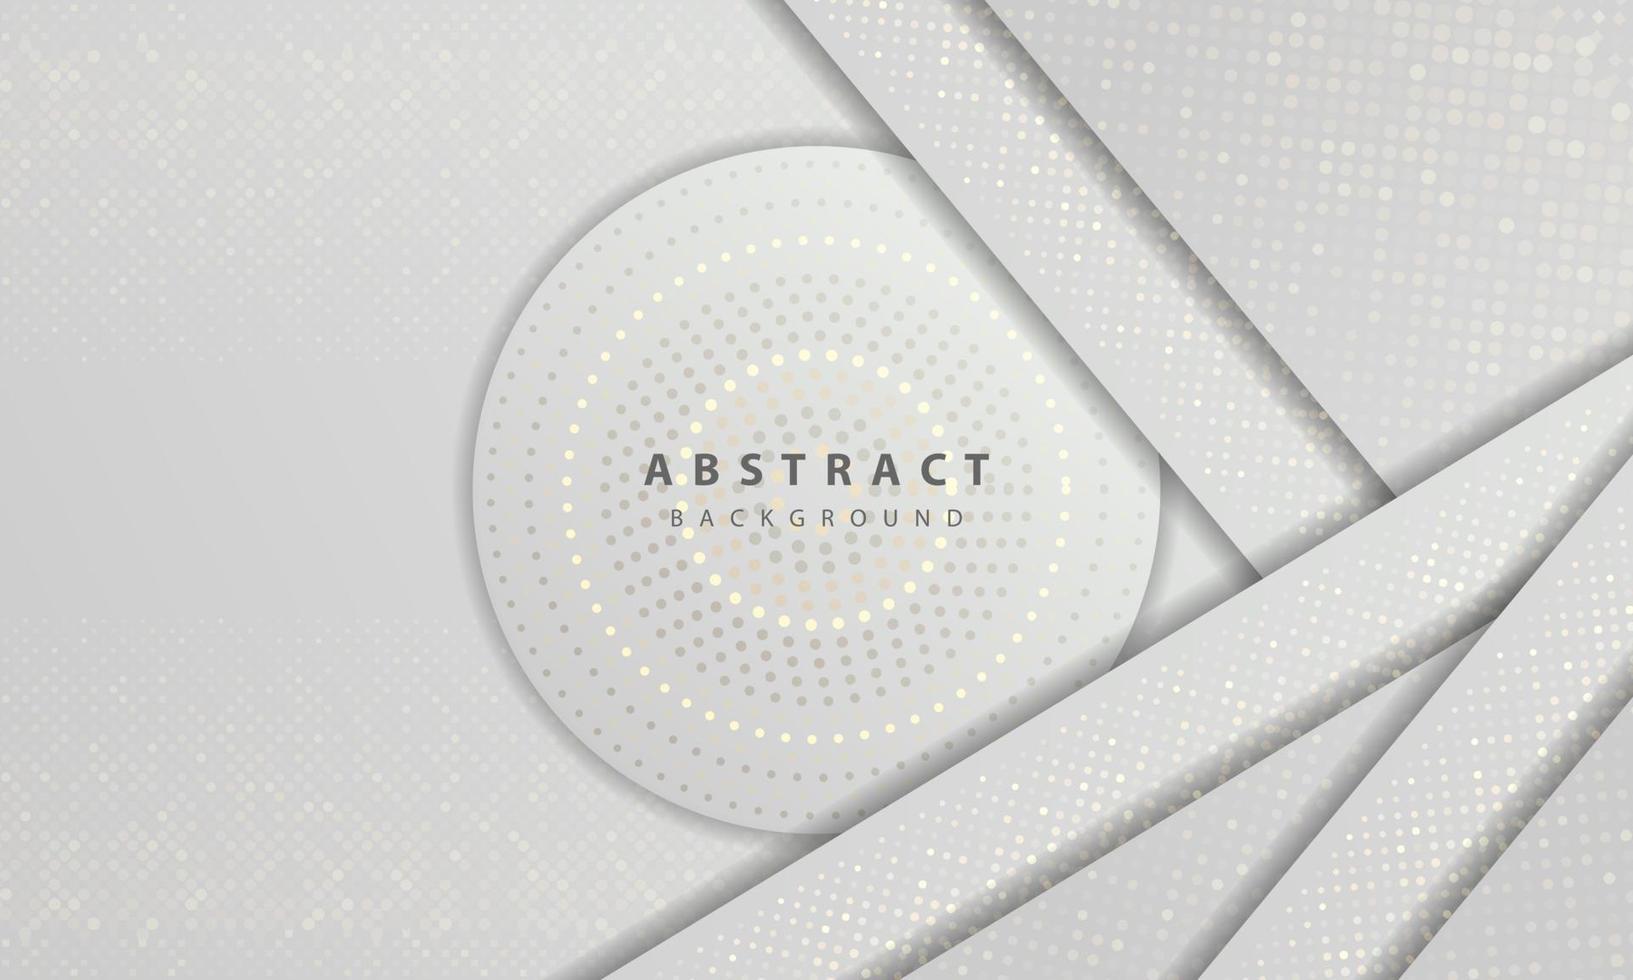 Luxus und moderne Konzept Textur mit Silber glitzert Punkte Element Dekoration. weißer abstrakter Hintergrund mit Papierformen überlappen Schichten. vektor